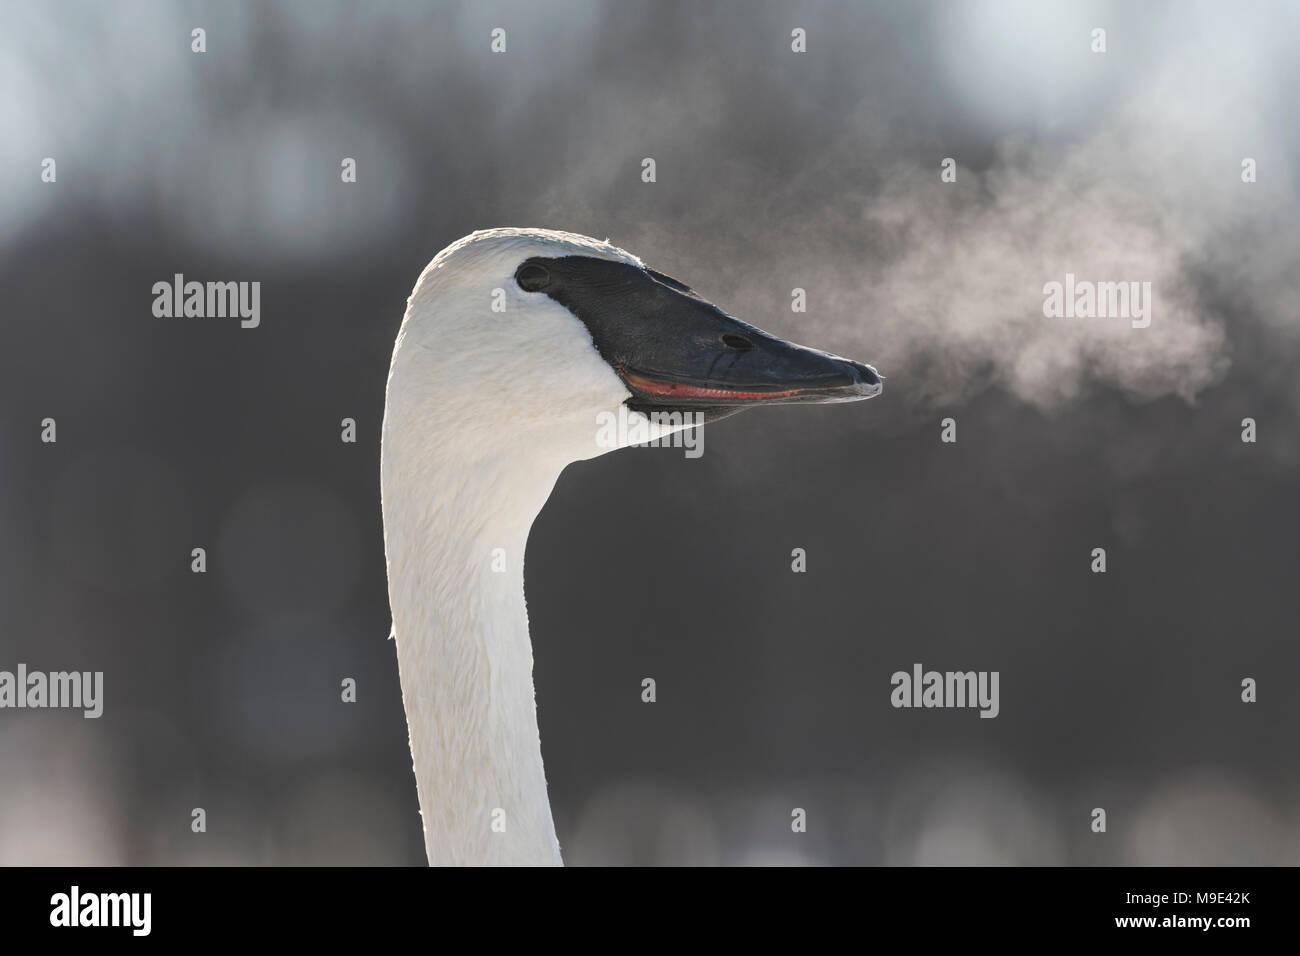 Cygne trompette (Cygnus buccinator) visible sur l'expiration, inspiration, WI, États-Unis d'Amérique, début janvier, par Dominique Braud/Dembinsky Assoc Photo Photo Stock